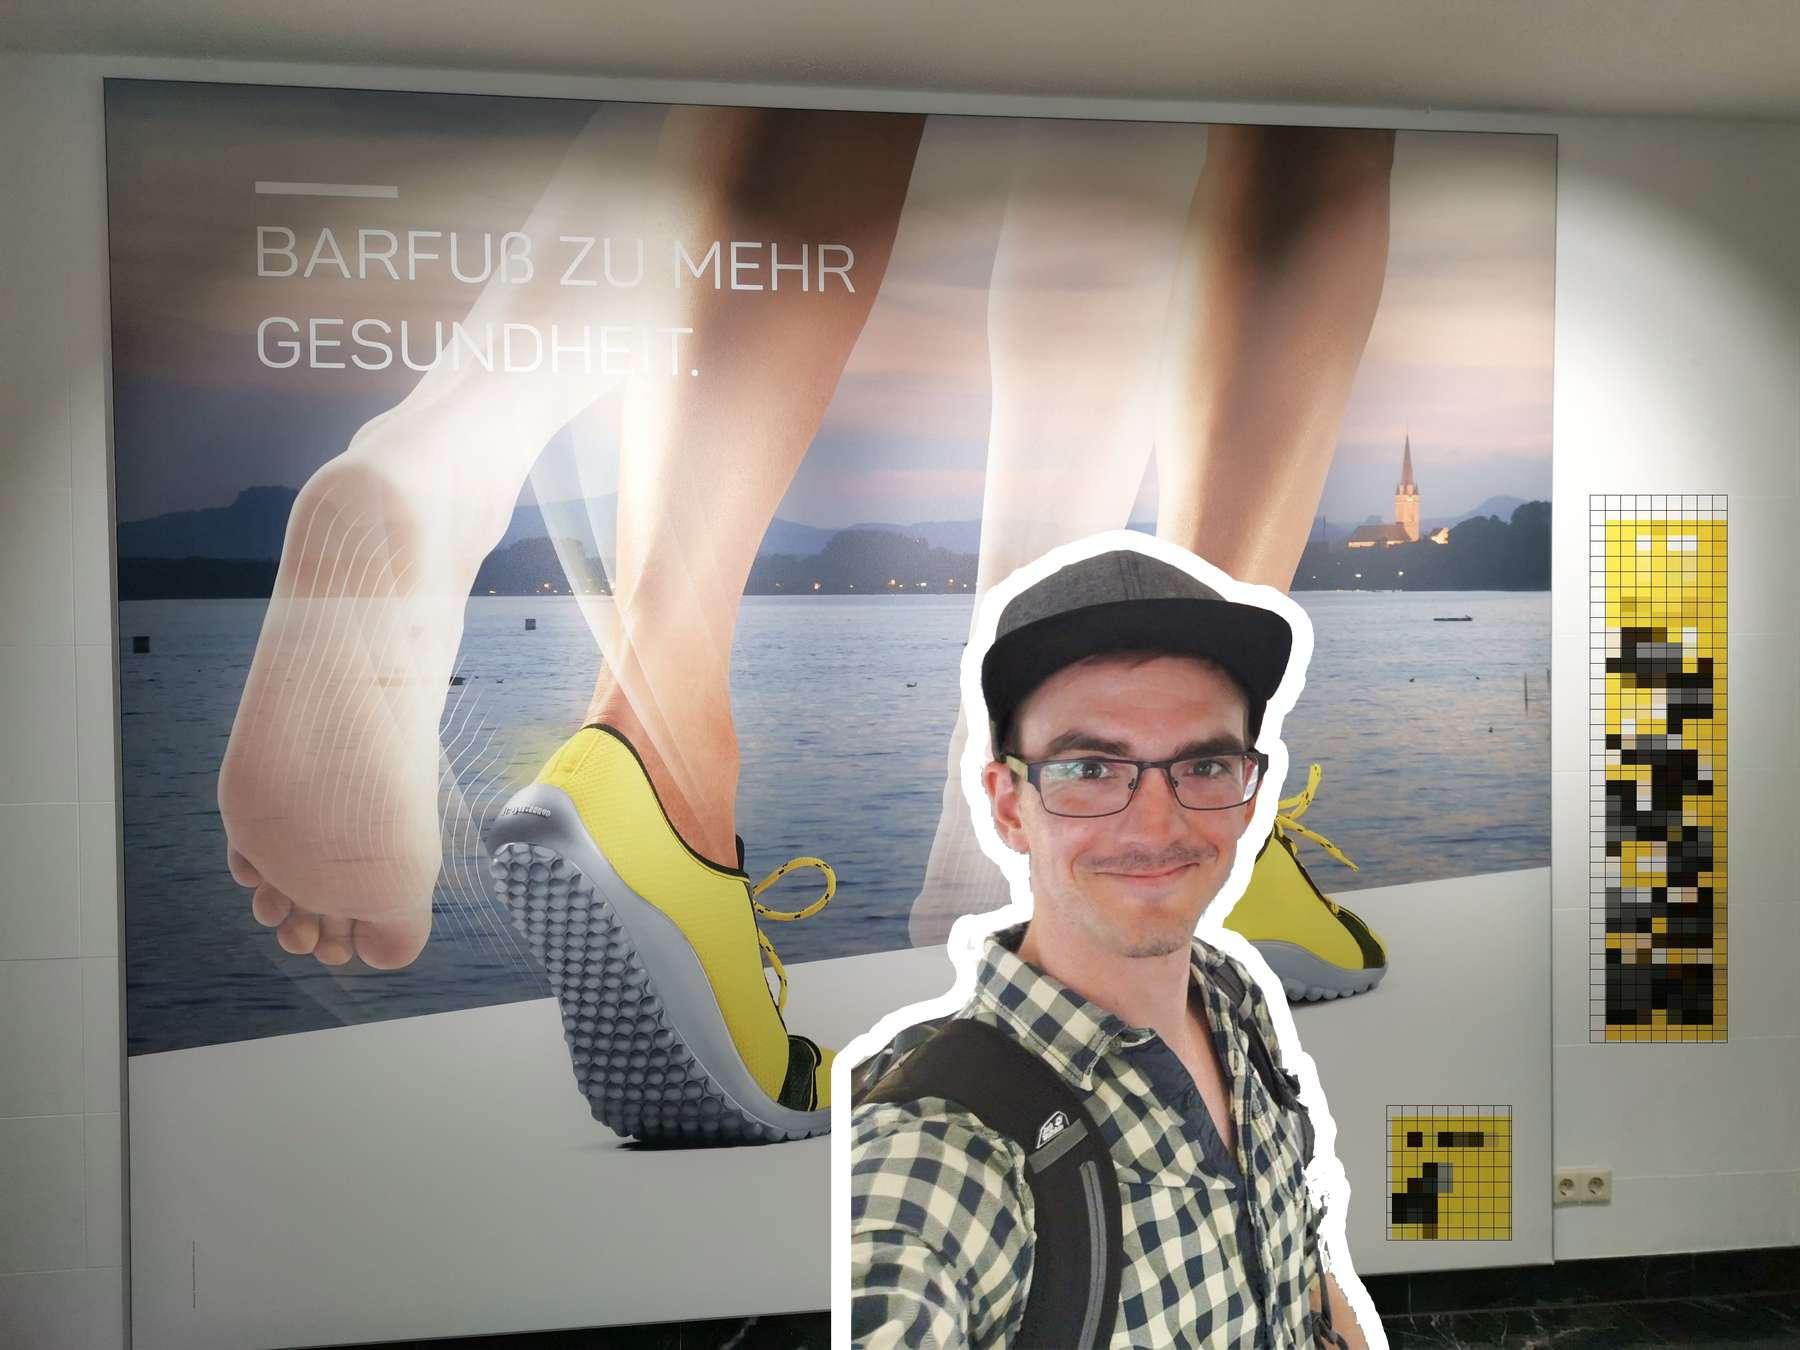 collage produktfoto ausdruck print barfuss schuhe radolfzell titelbild produktfotografie stimmungsvoll lokal einladend Fotograf radolfzell bodensee hegau